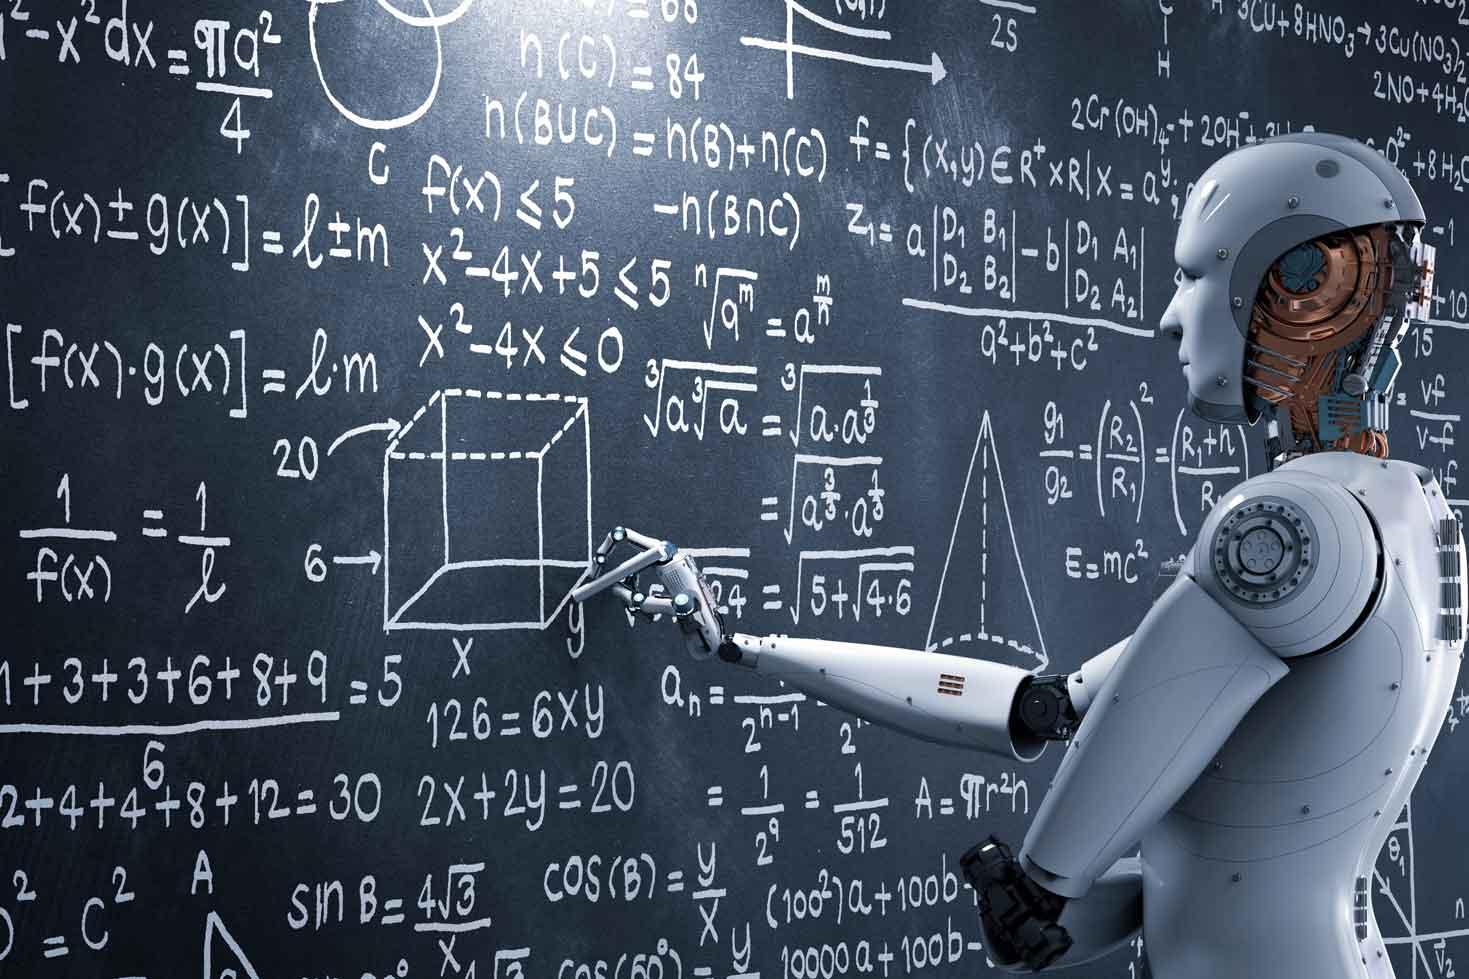 還沒學Python?再不學就要被人工智慧取代了?!(上)